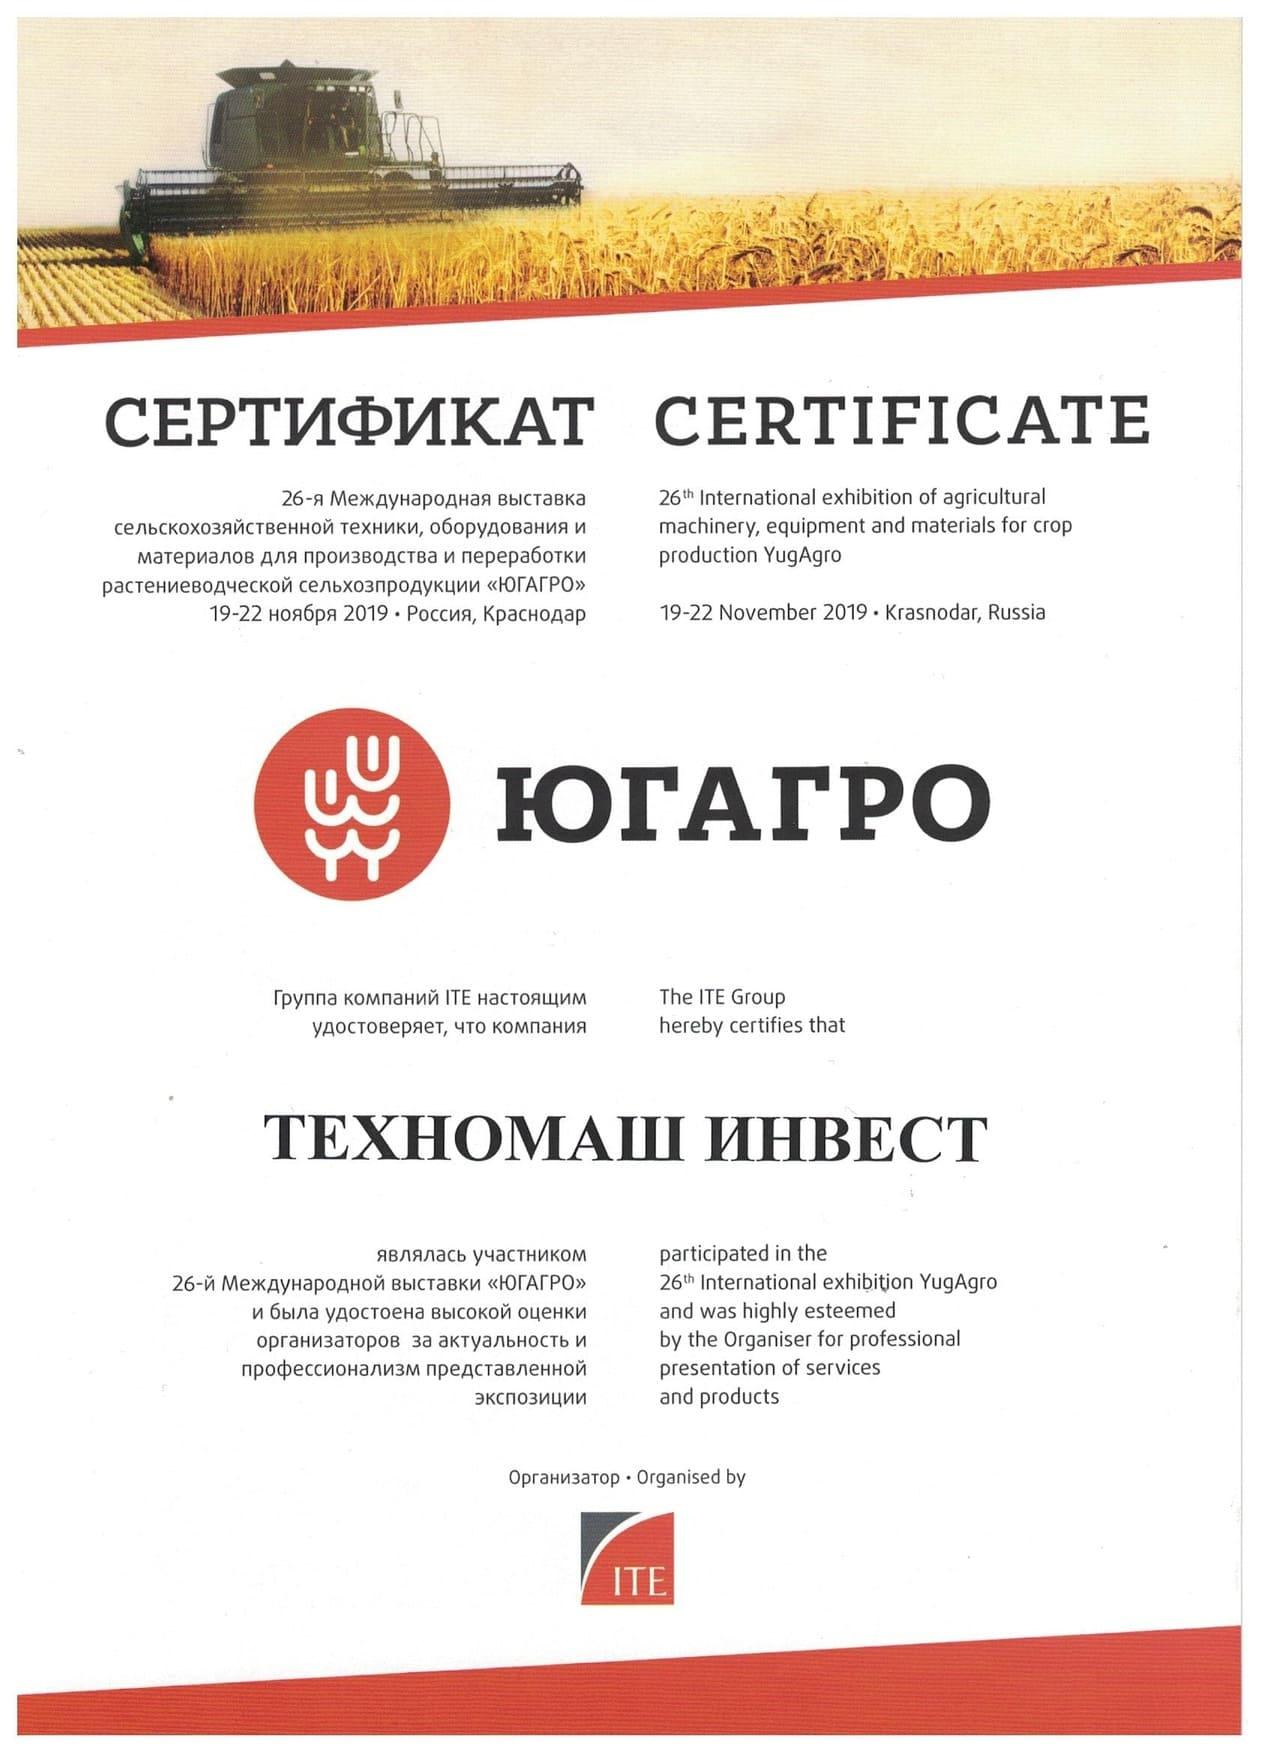 Сертификат об участии (1)